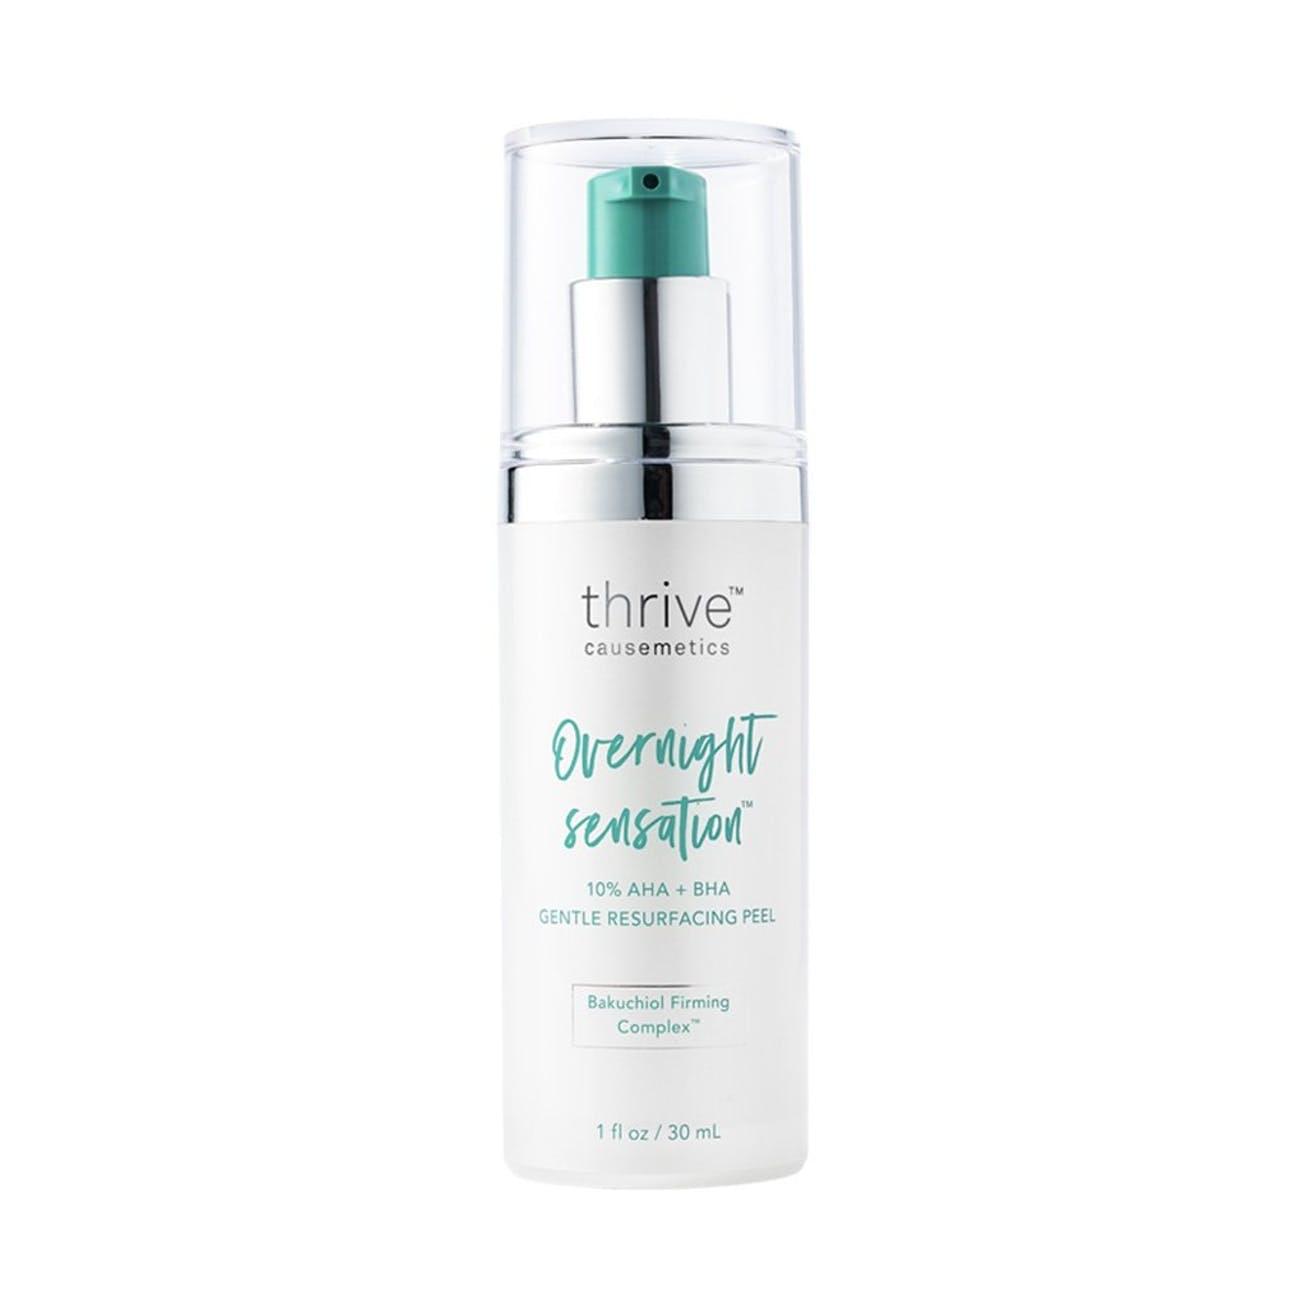 Thrive Cosmetics - Overnight Sensation™ Gentle Resurfacing Peel